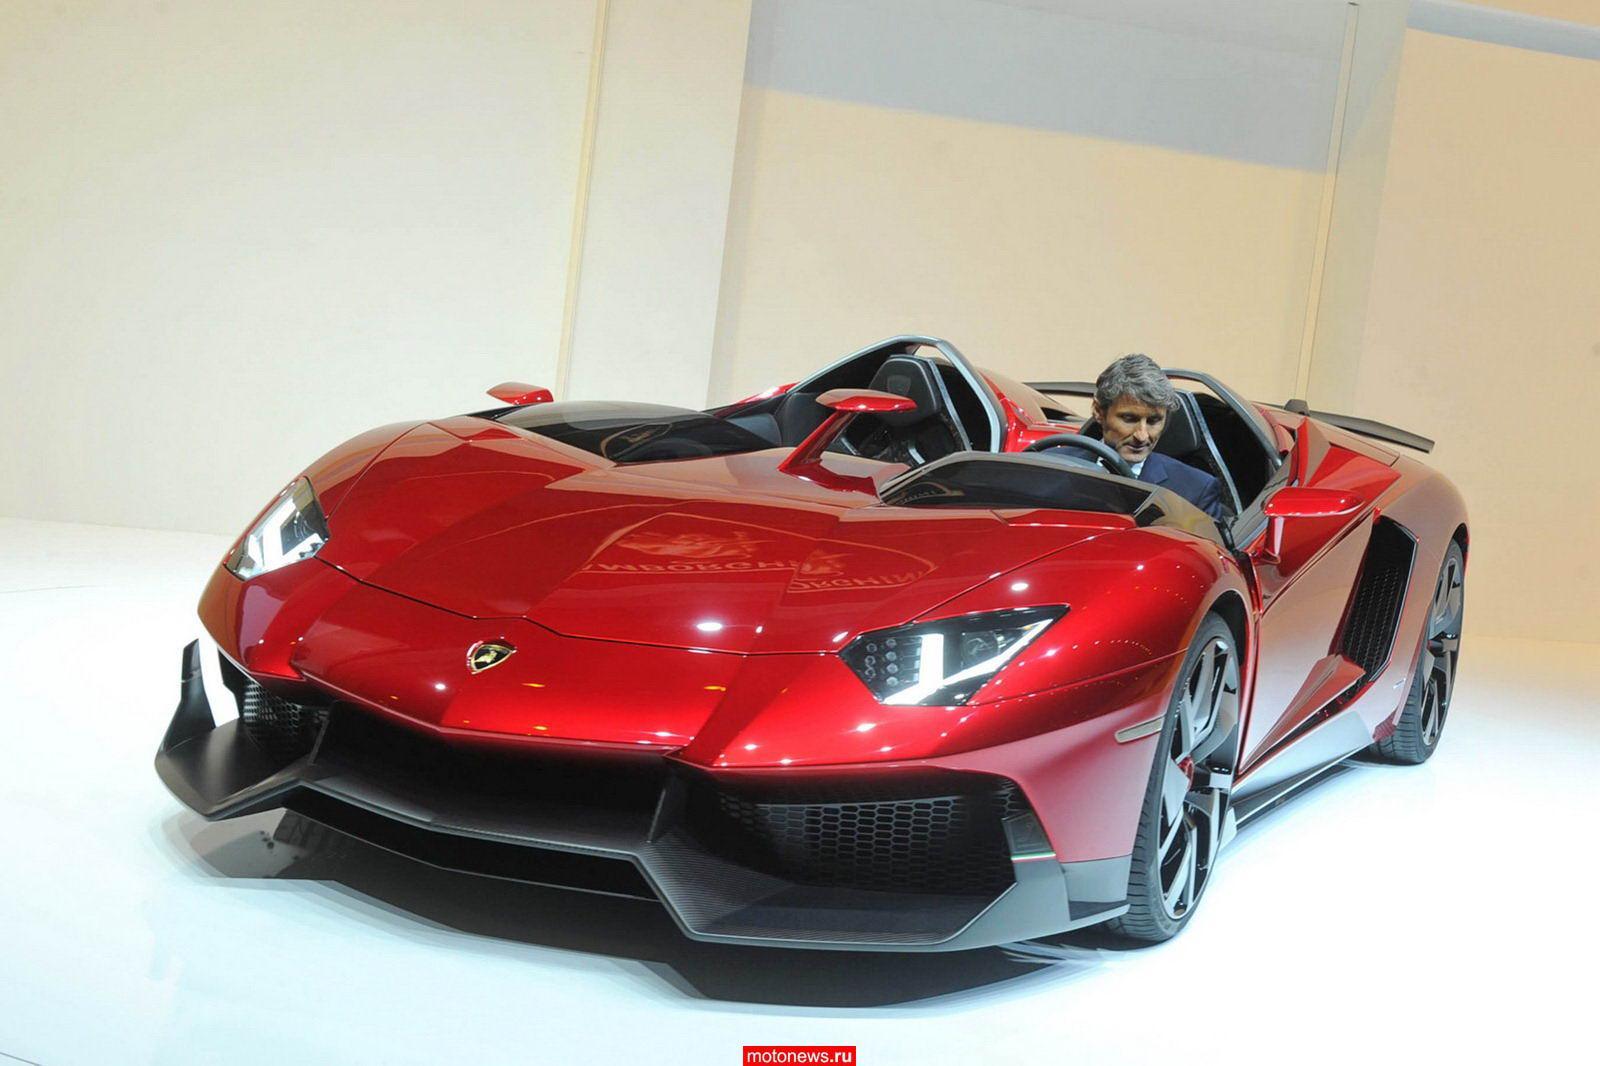 Самые крутые спортивные машины